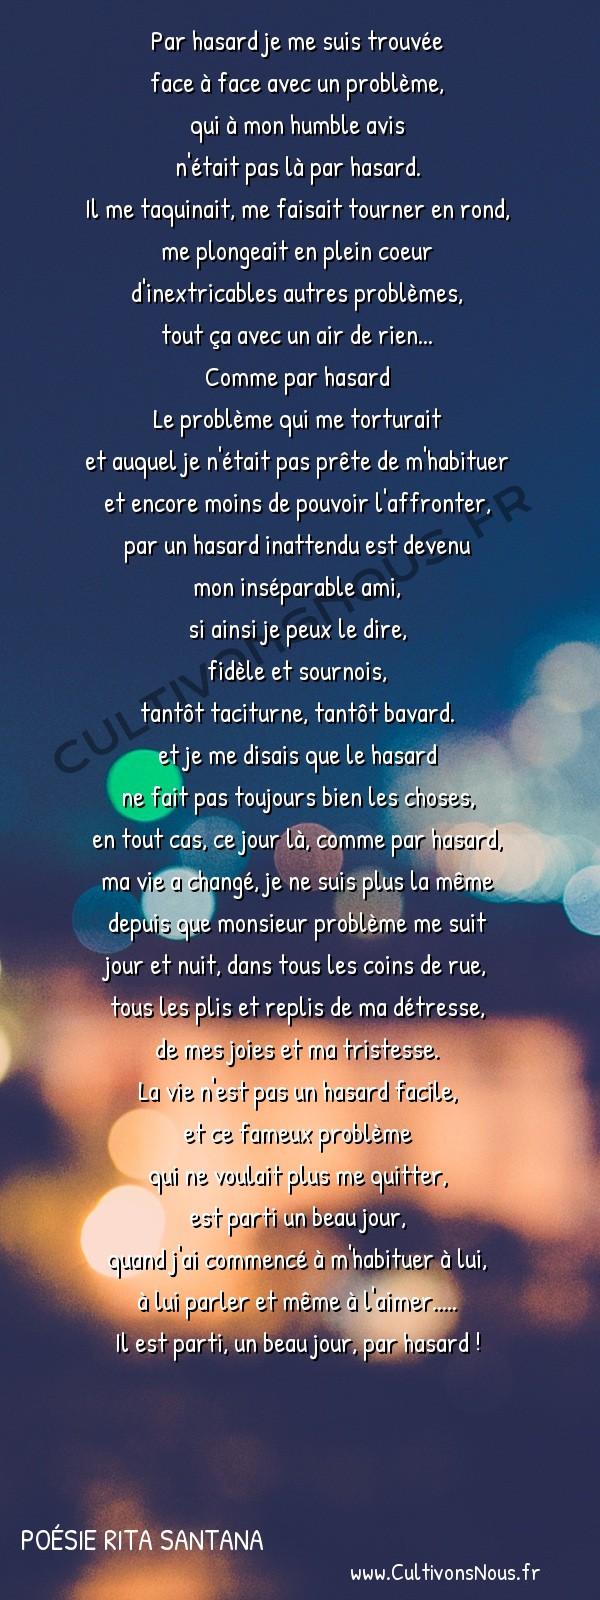 Poésies contemporaines - Poésie Rita Santana - Par hasard ! -  Par hasard je me suis trouvée face à face avec un problème,